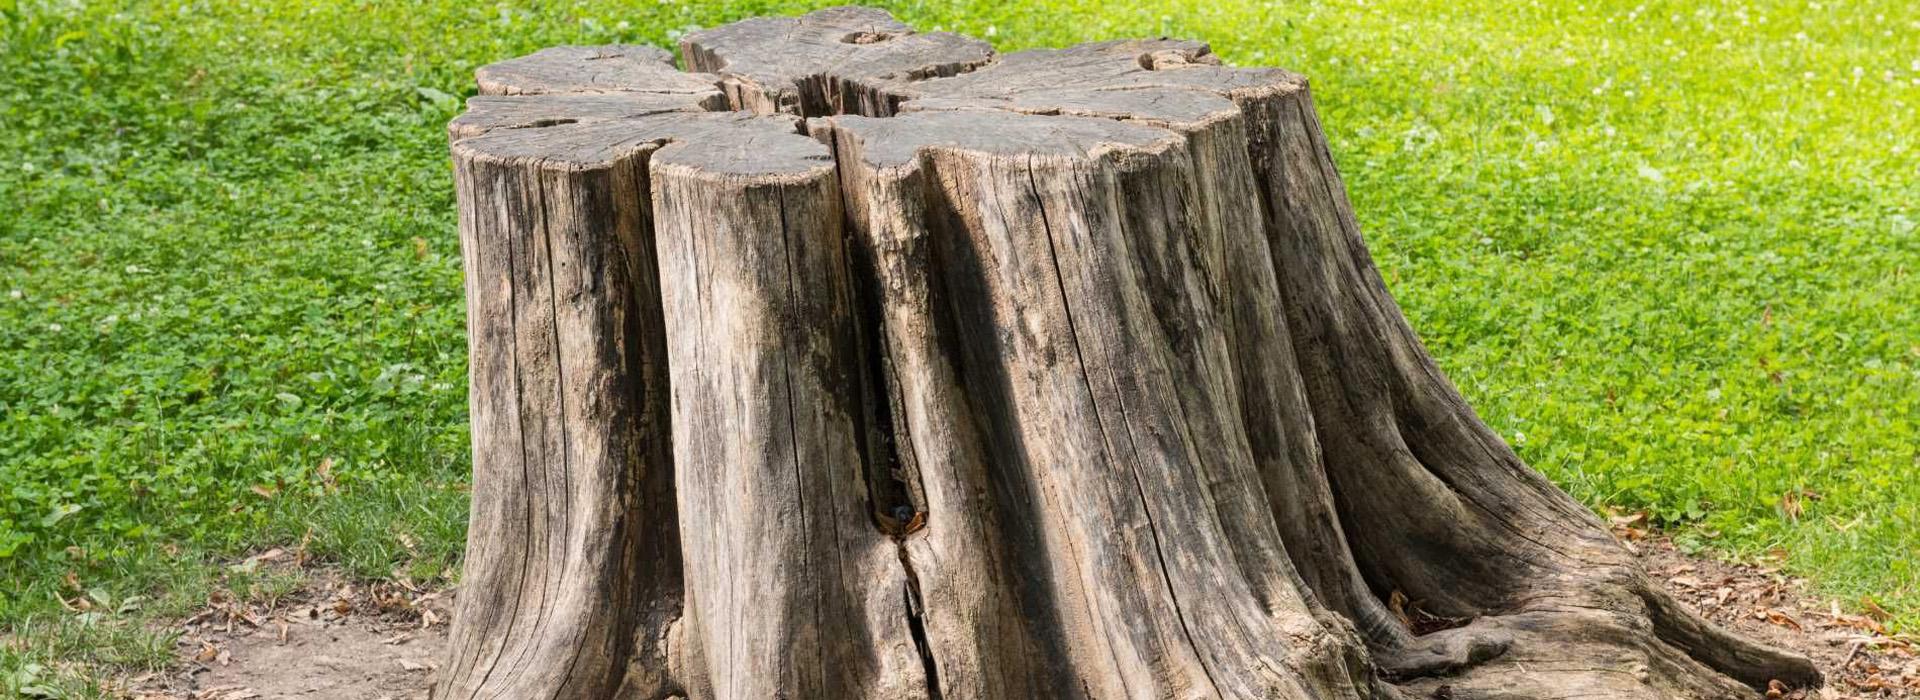 Faites appel à des arboriculteurs certifiés